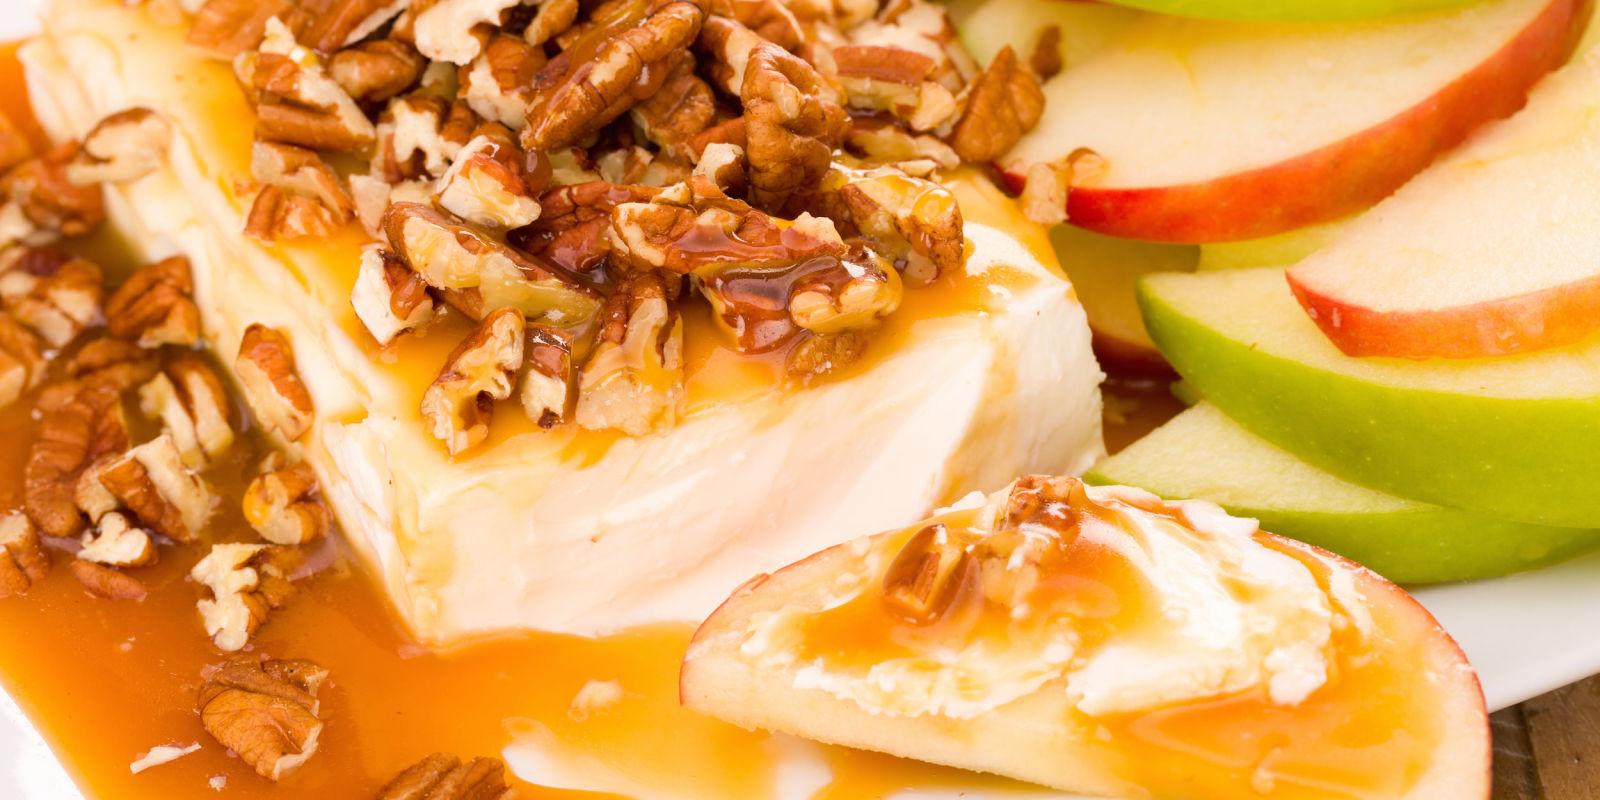 Appetizers For Thanksgiving Dinner Easy  50 Best Thanksgiving Appetizers Ideas for Easy